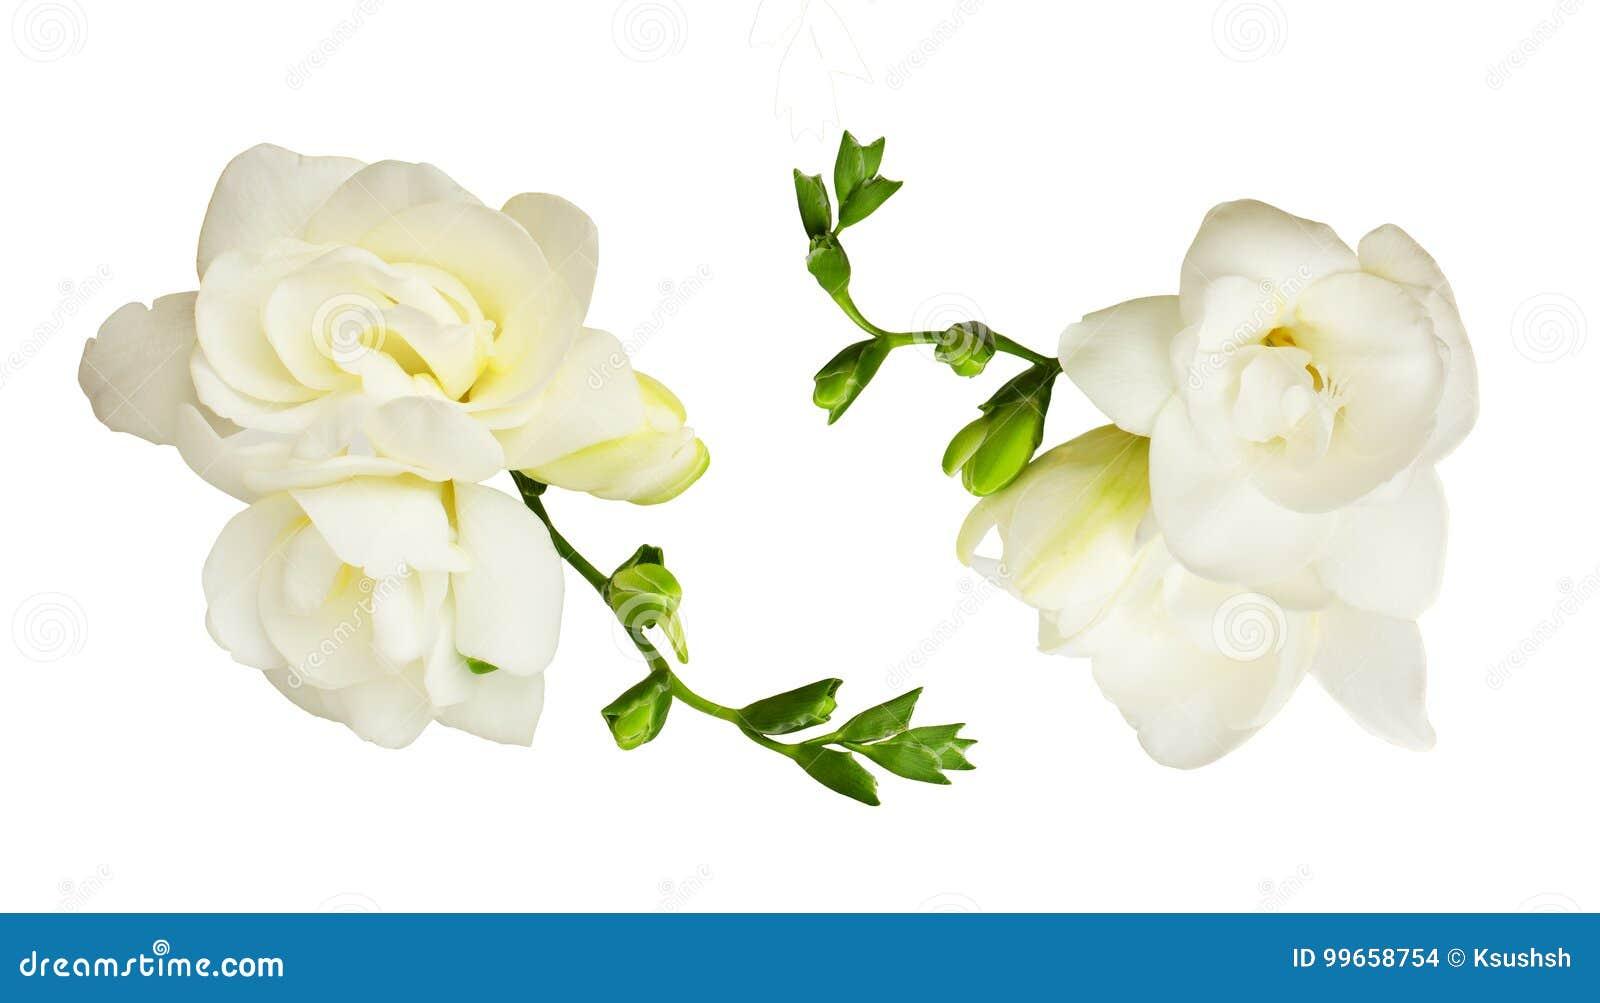 Set Of White Freesia Flowers Stock Photo Image Of Fresh Freesia